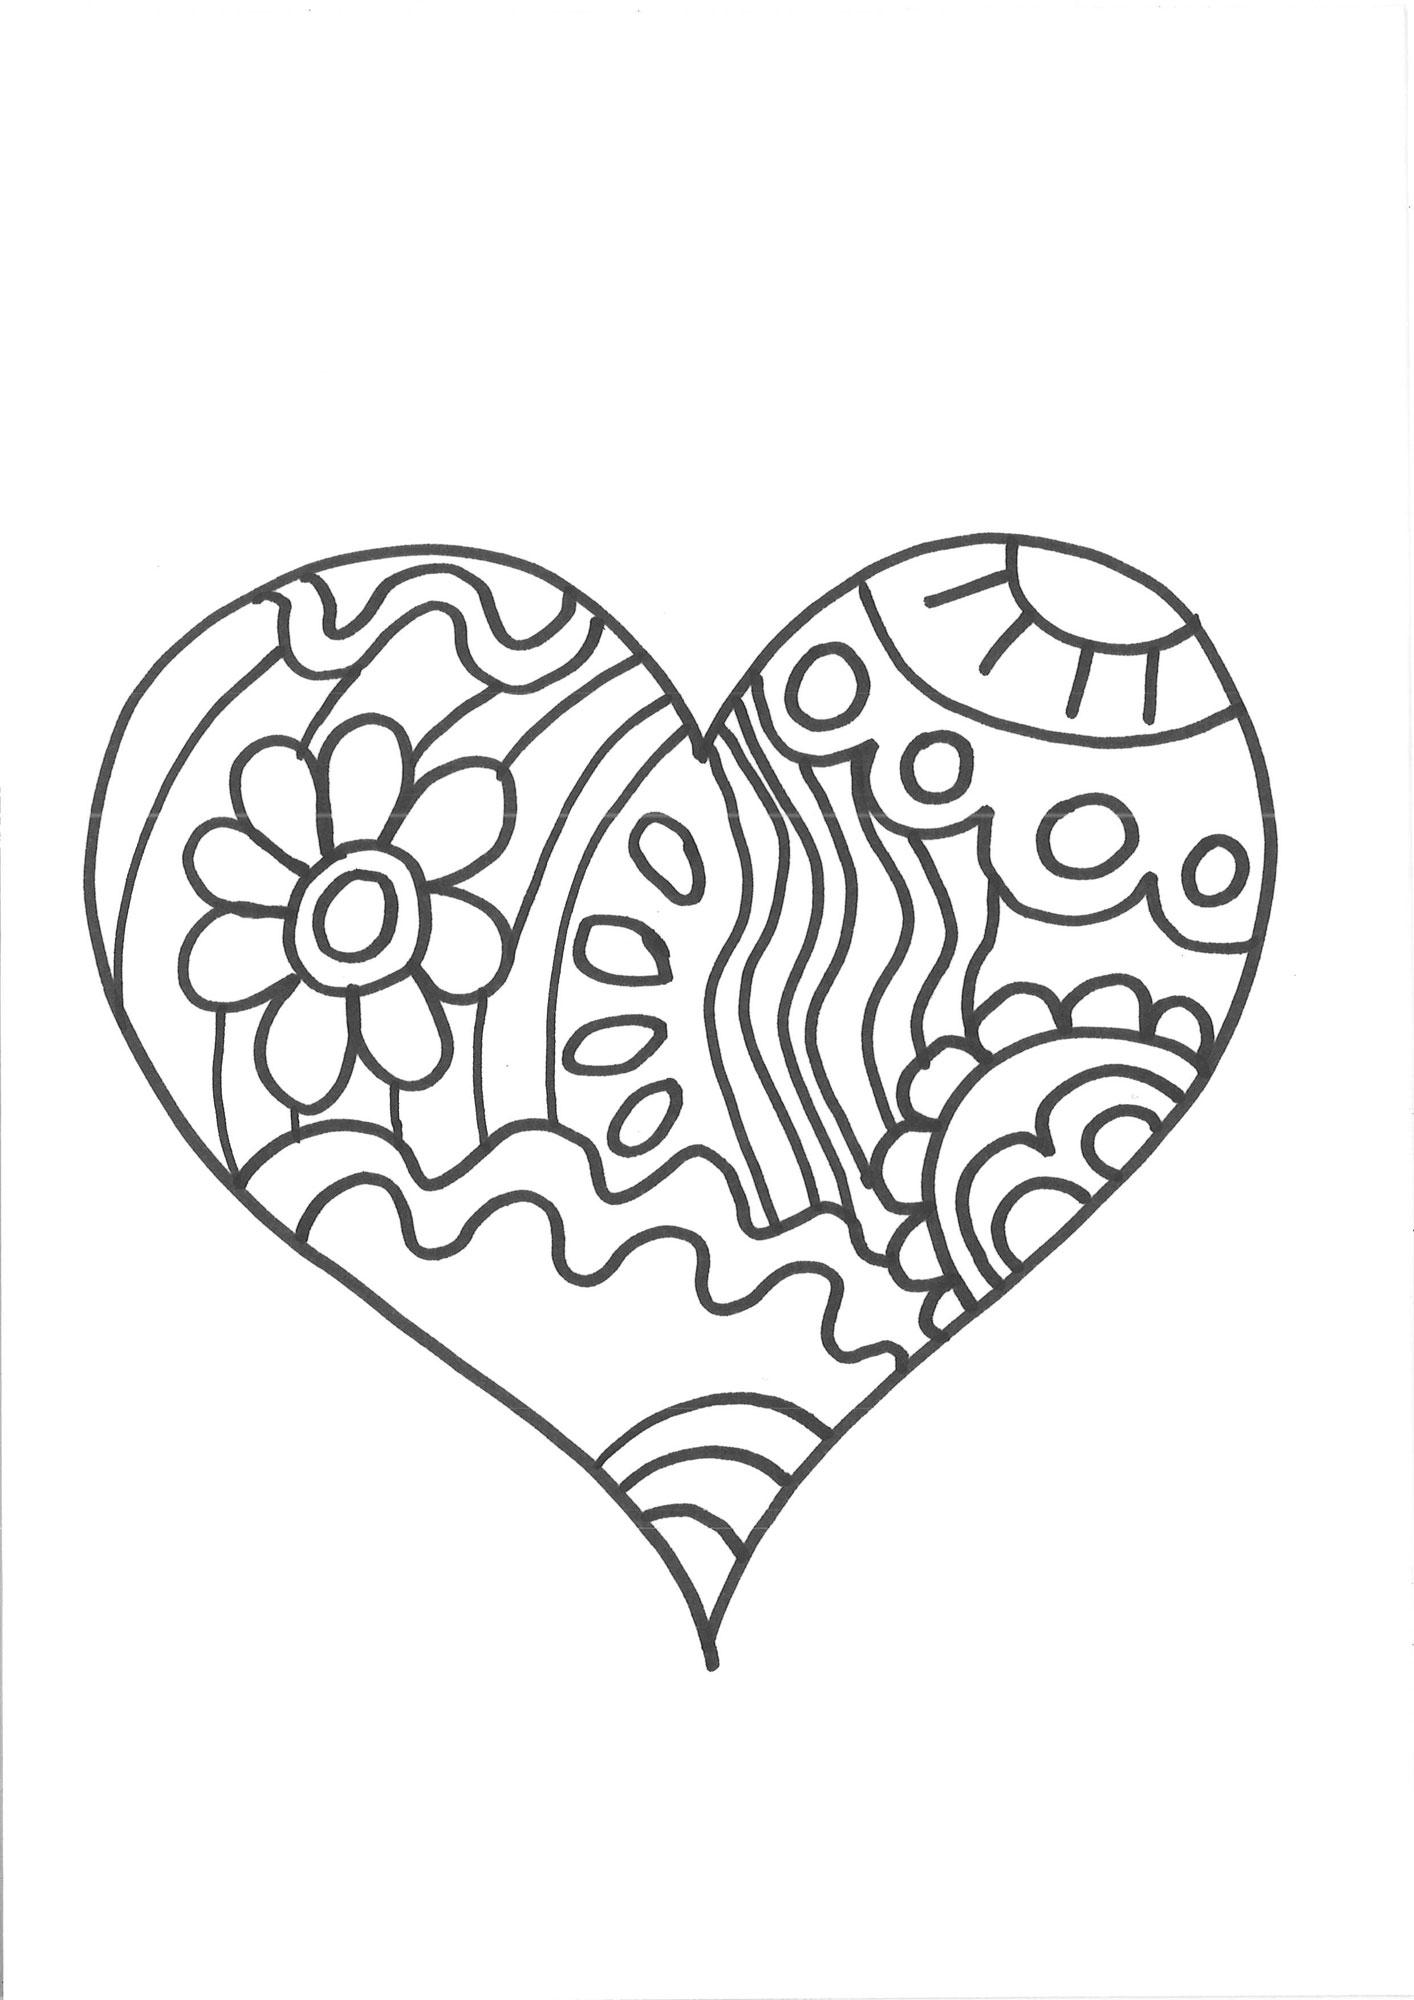 Kostenlose Malvorlage Herzen: Herz zum Ausmalen zum Ausmalen